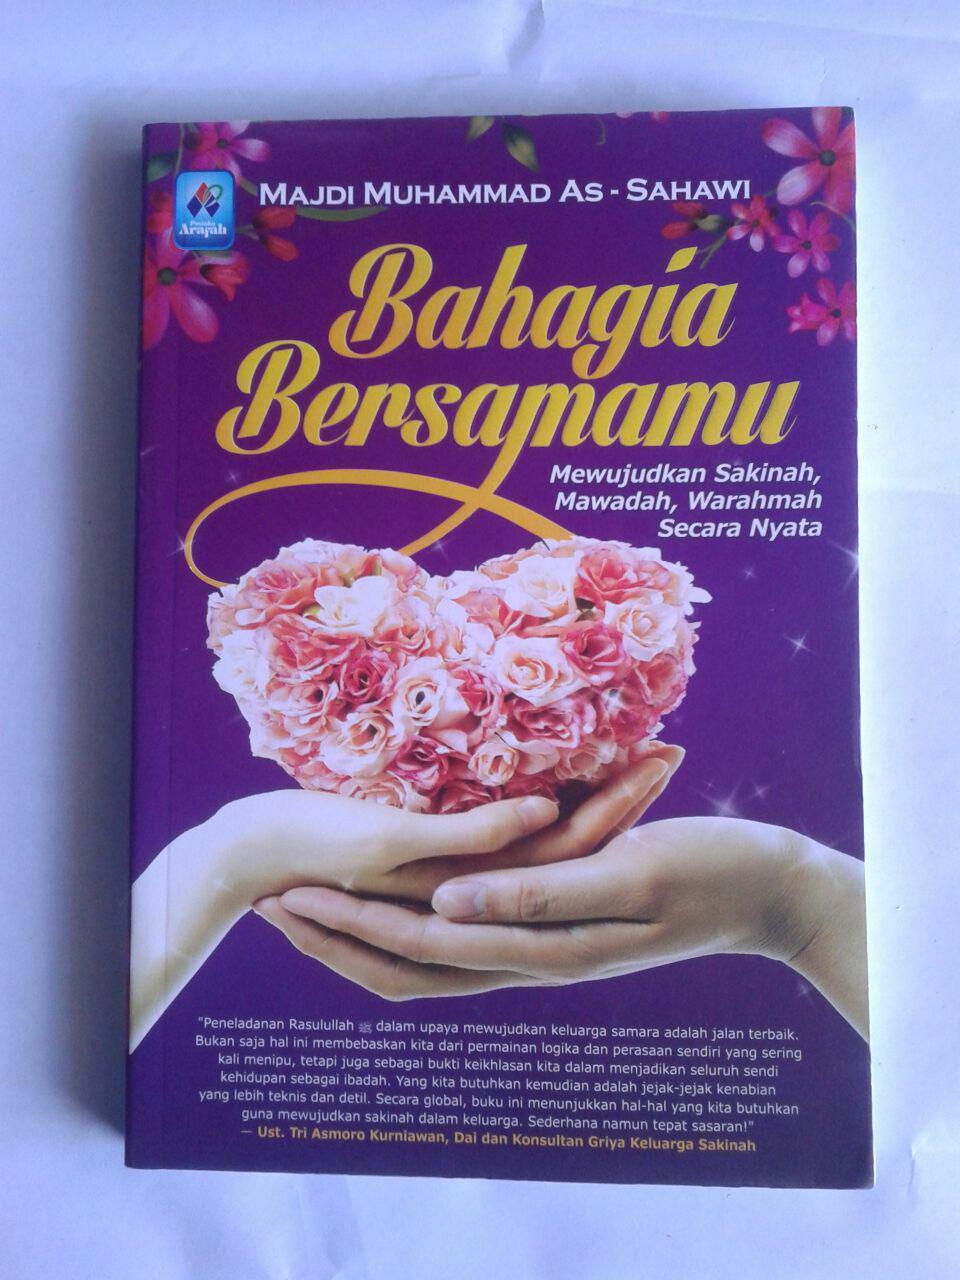 Buku Bahagia Bersamamu Mewujudkan Sakinah Mawadah Warahmah cover 2